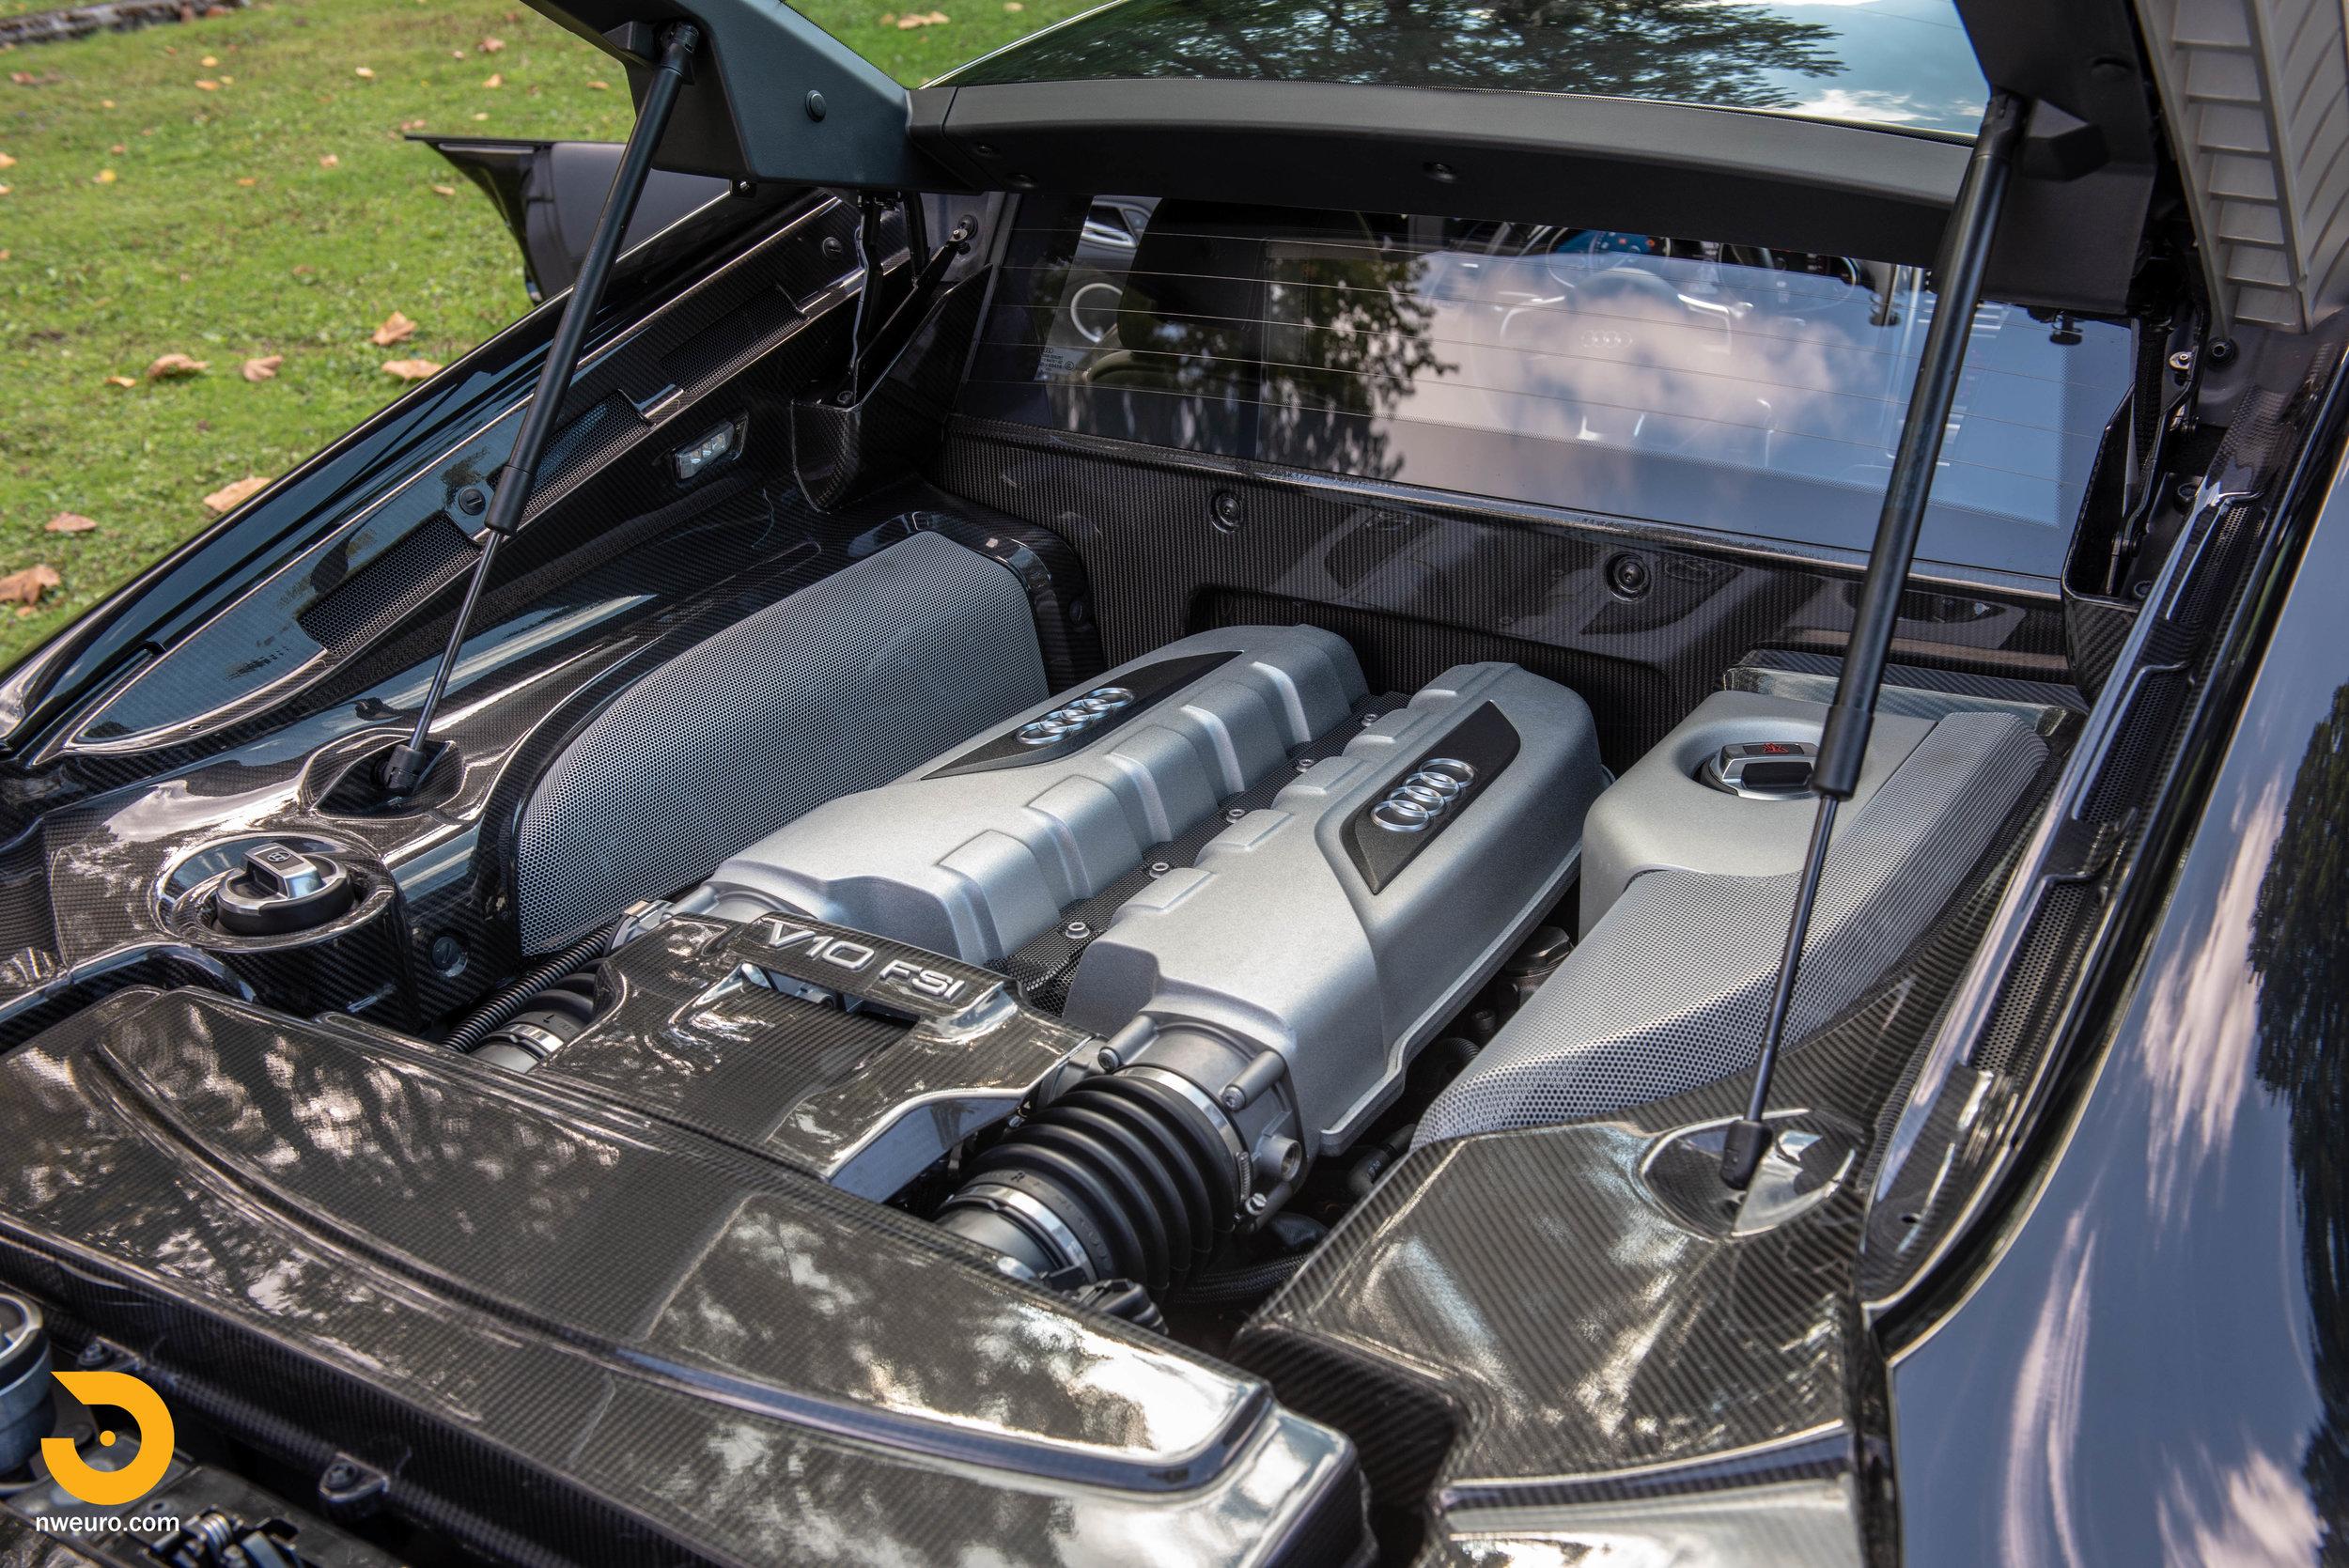 2010 Audi R8 V10-31.jpg